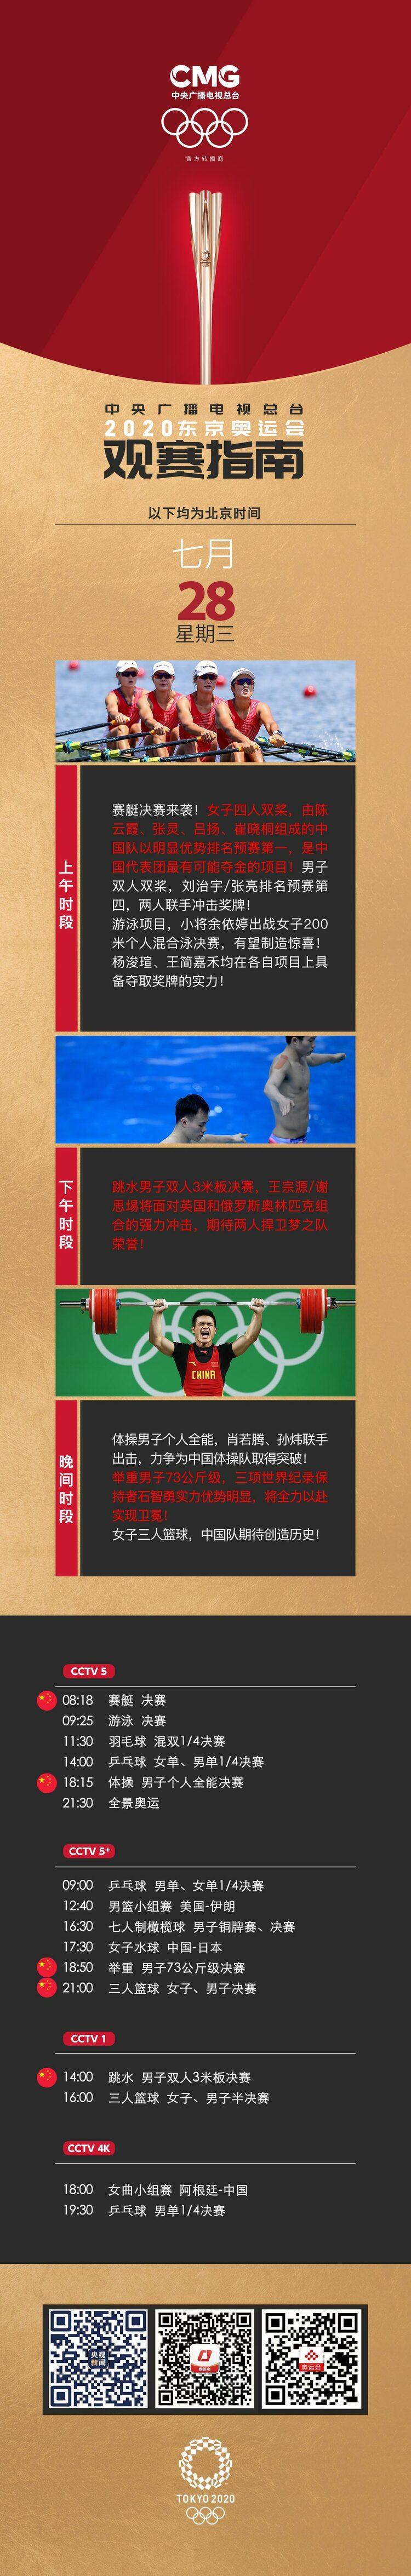 7月28日观赛指南:女子三人篮球冲击奖牌 王宗源谢思埸联手争金